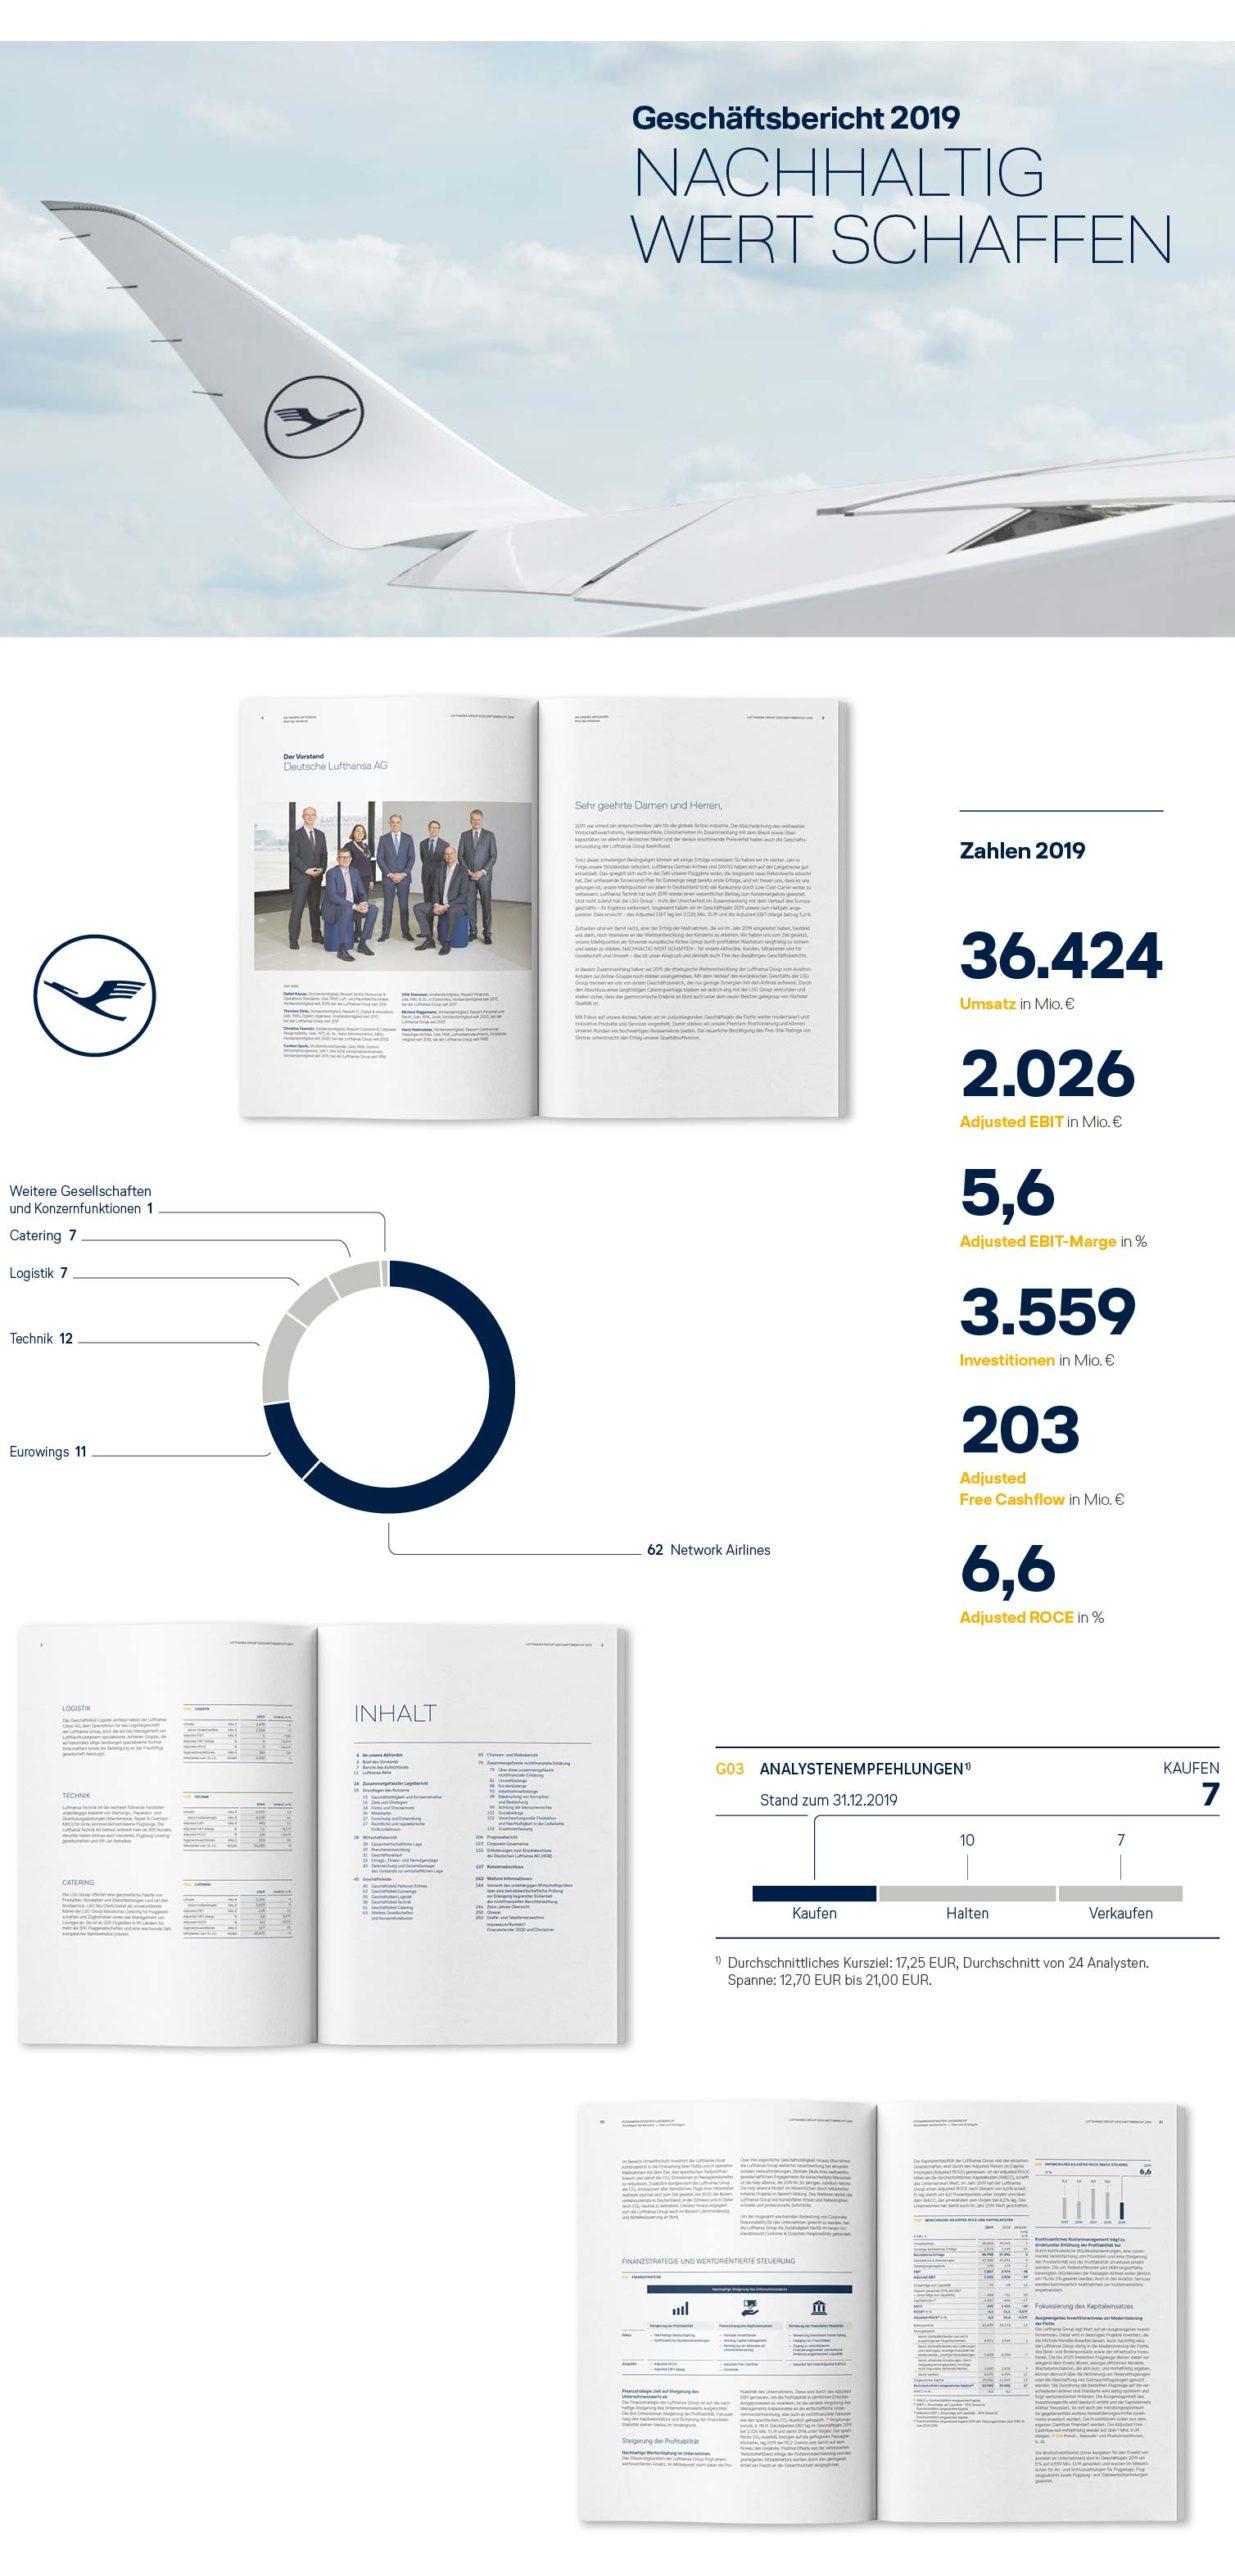 Lufthansa Geschäftsbericht 2019